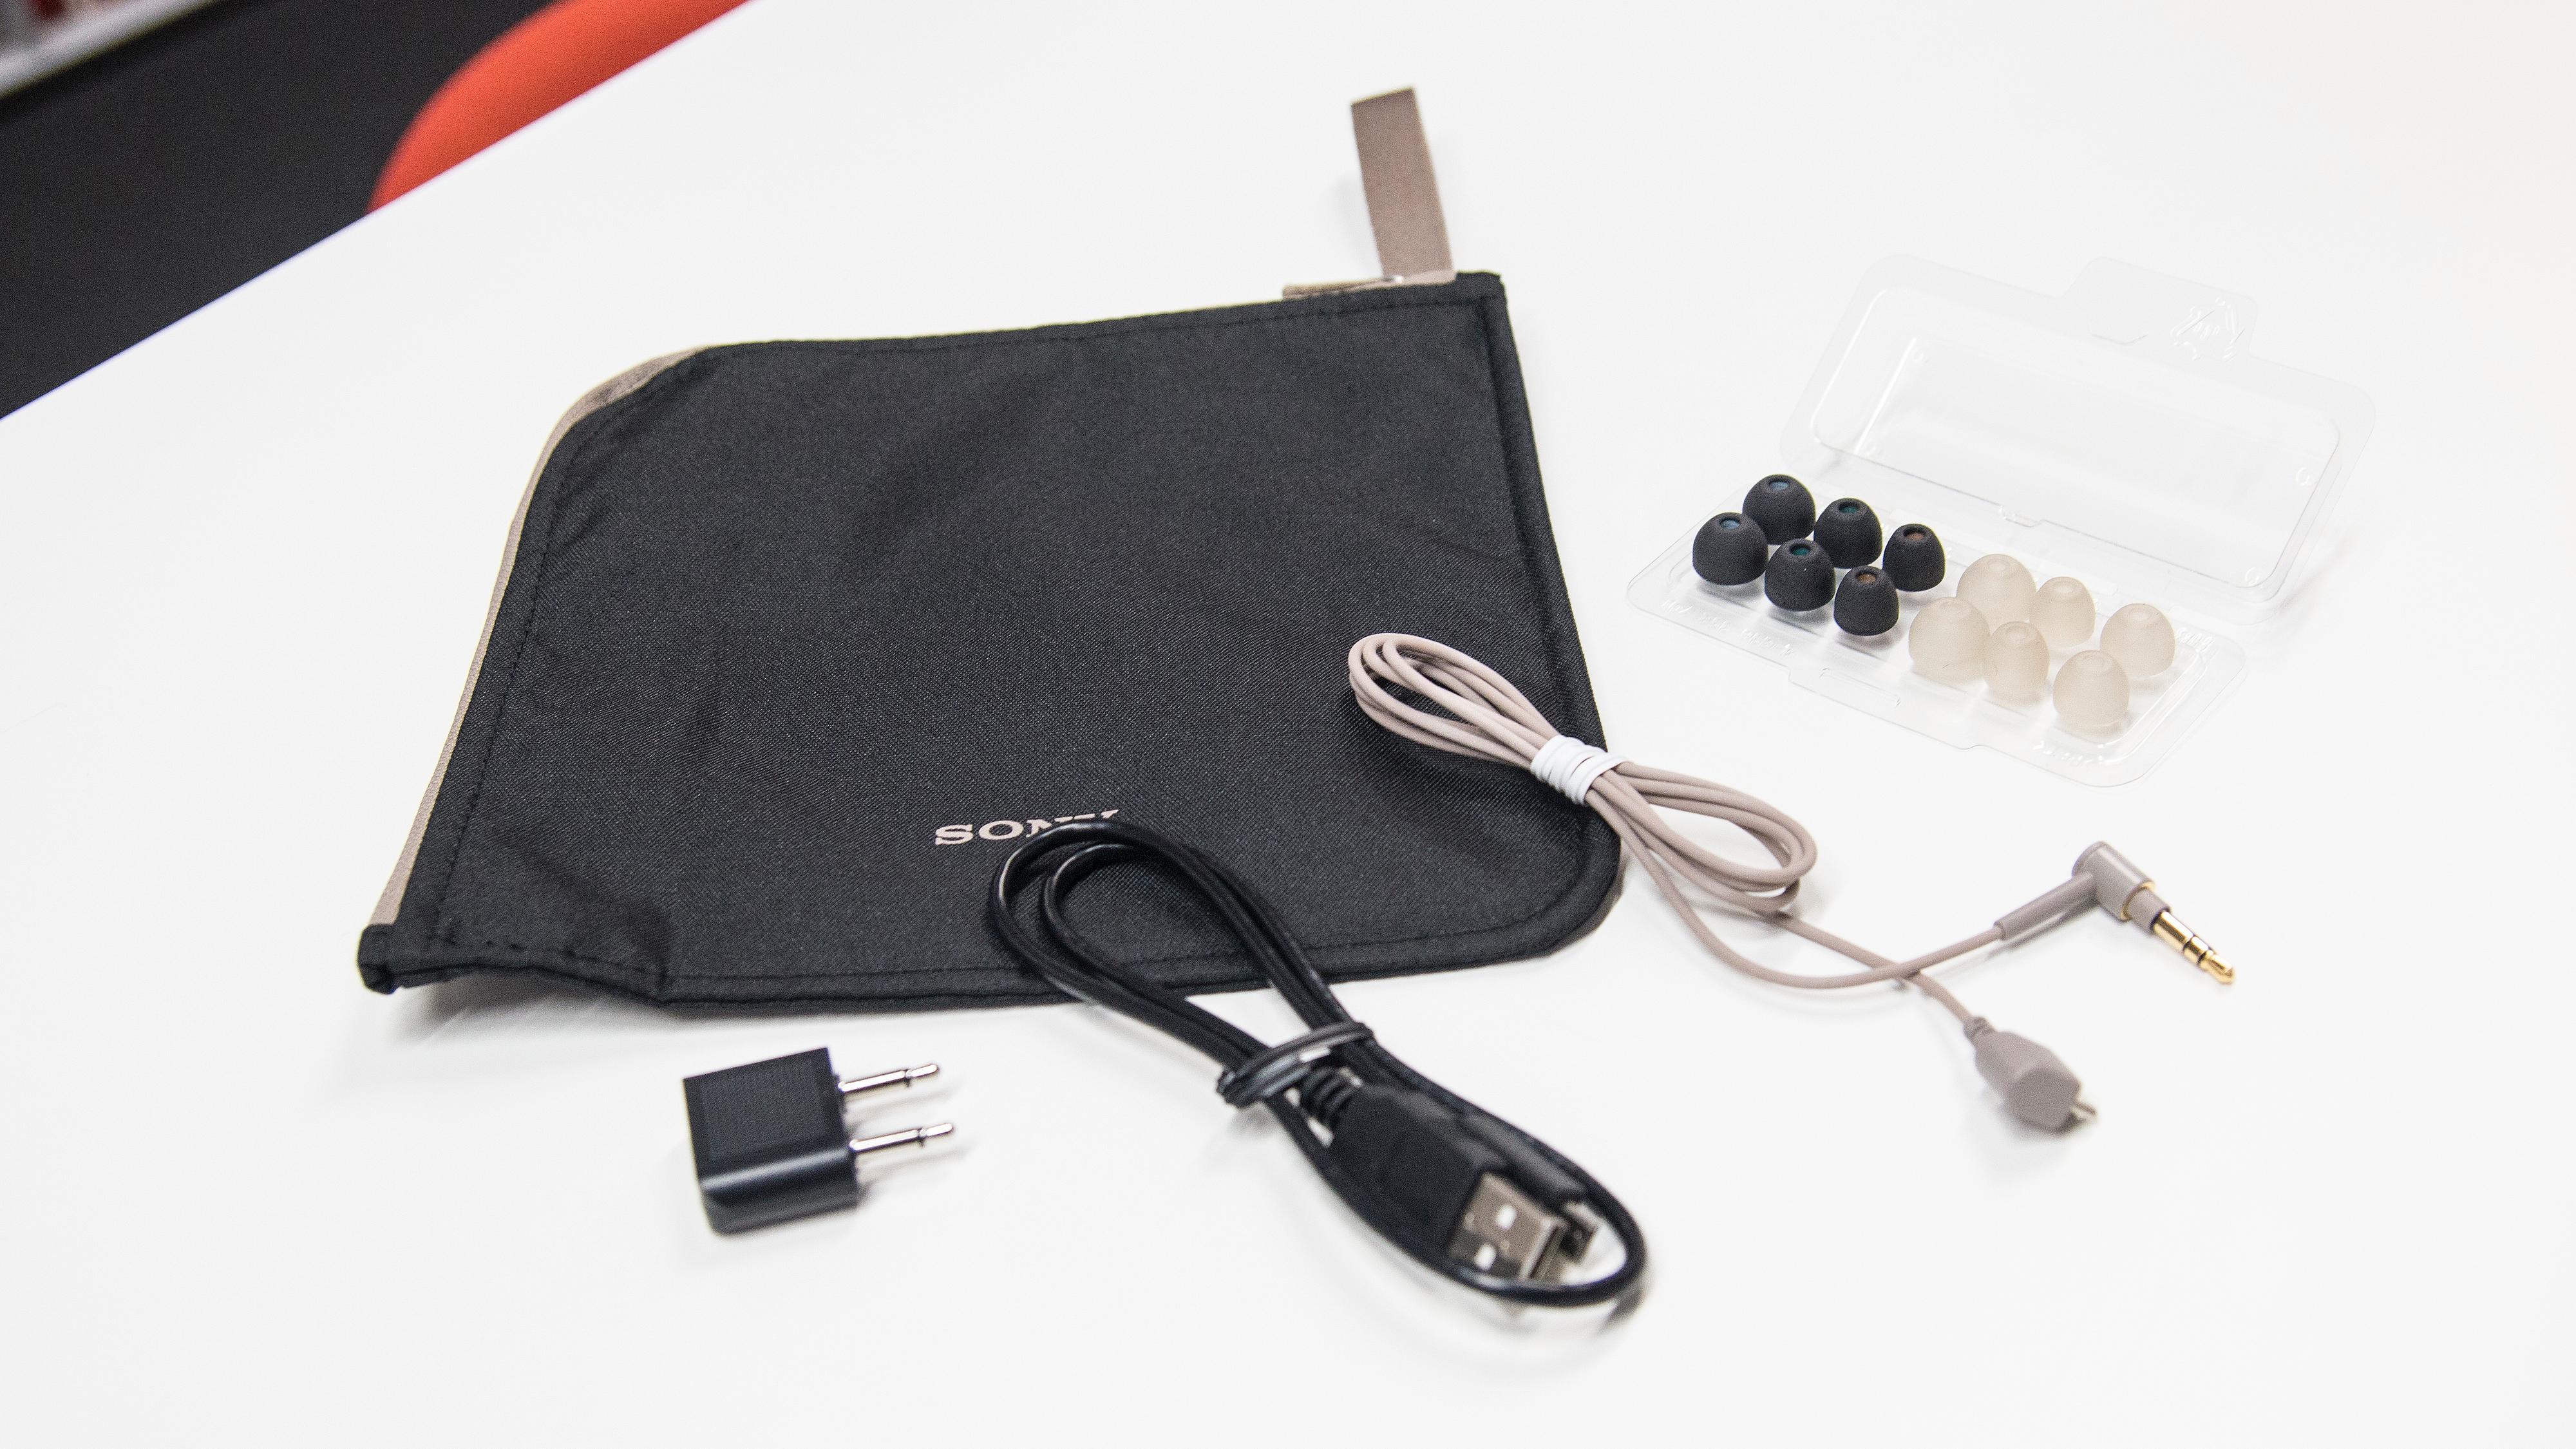 Innholdet i eska: Bæreveske i tøy, ladekabel, flyadapter, microUSB-til-minijack-kabel og sett med puter i silikon og skum.